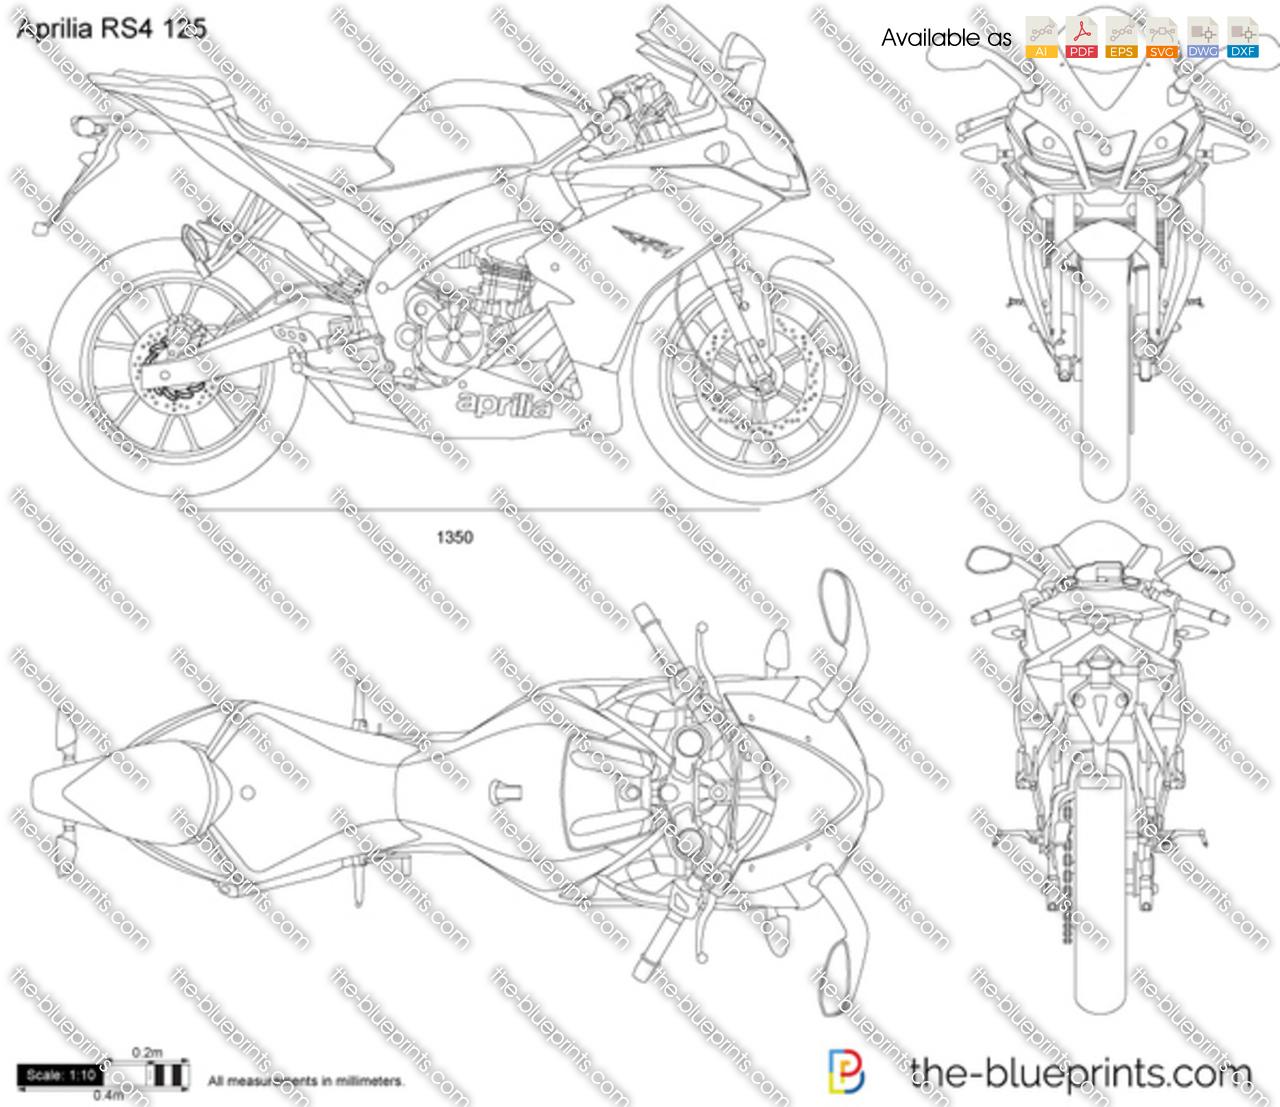 Aprilia RS4 125 vector drawing